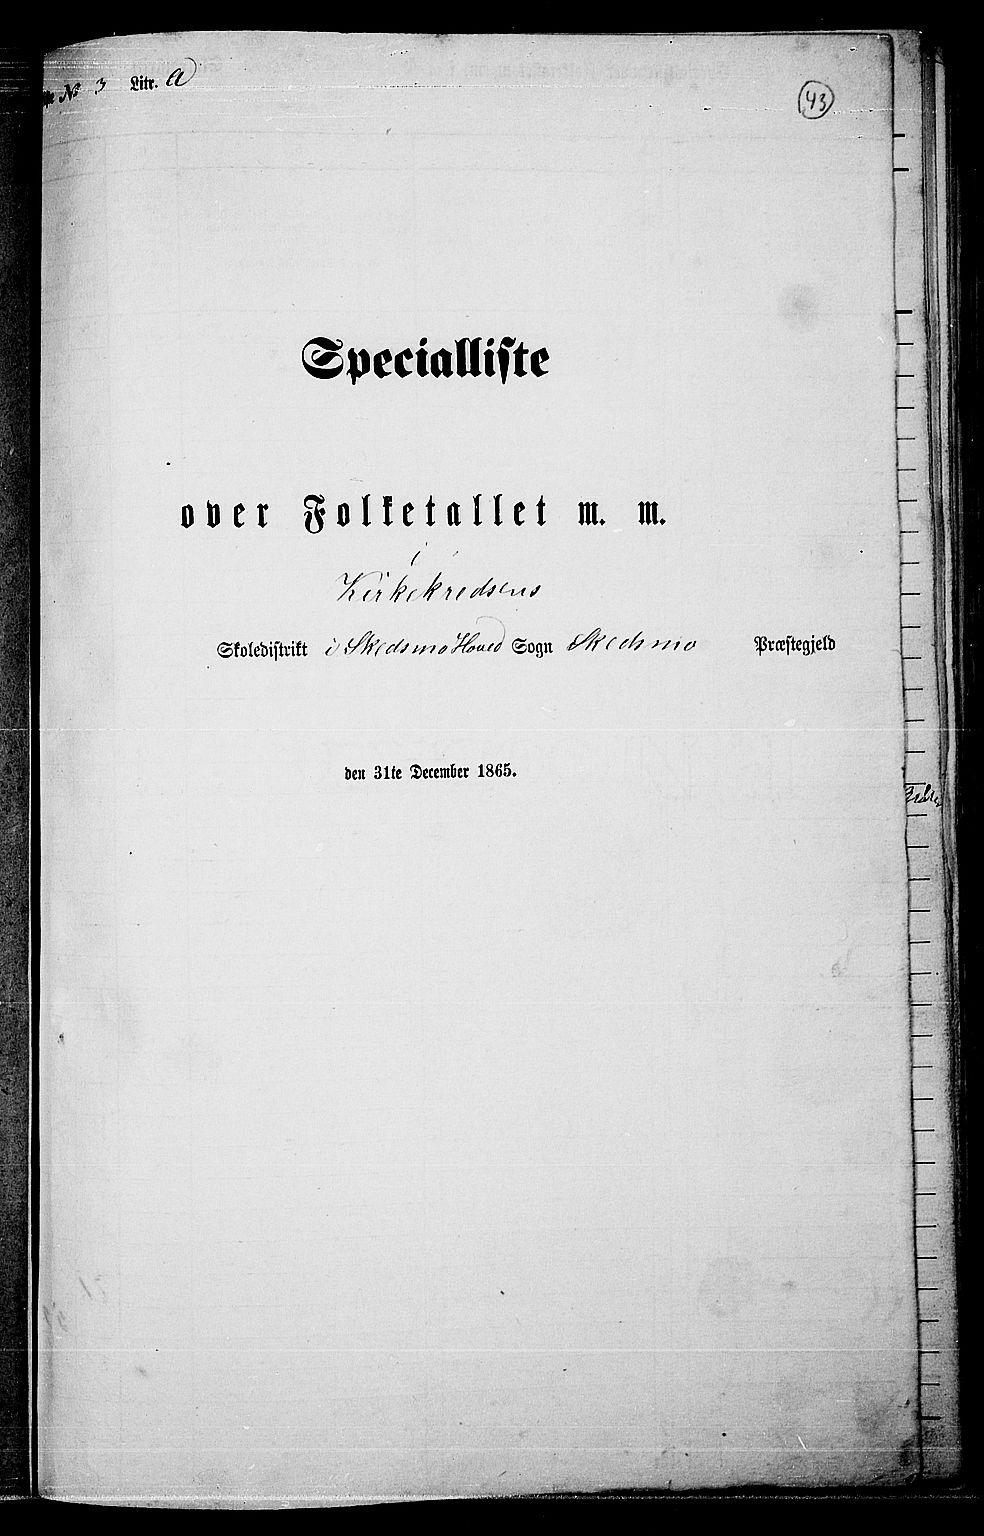 RA, Folketelling 1865 for 0231P Skedsmo prestegjeld, 1865, s. 39